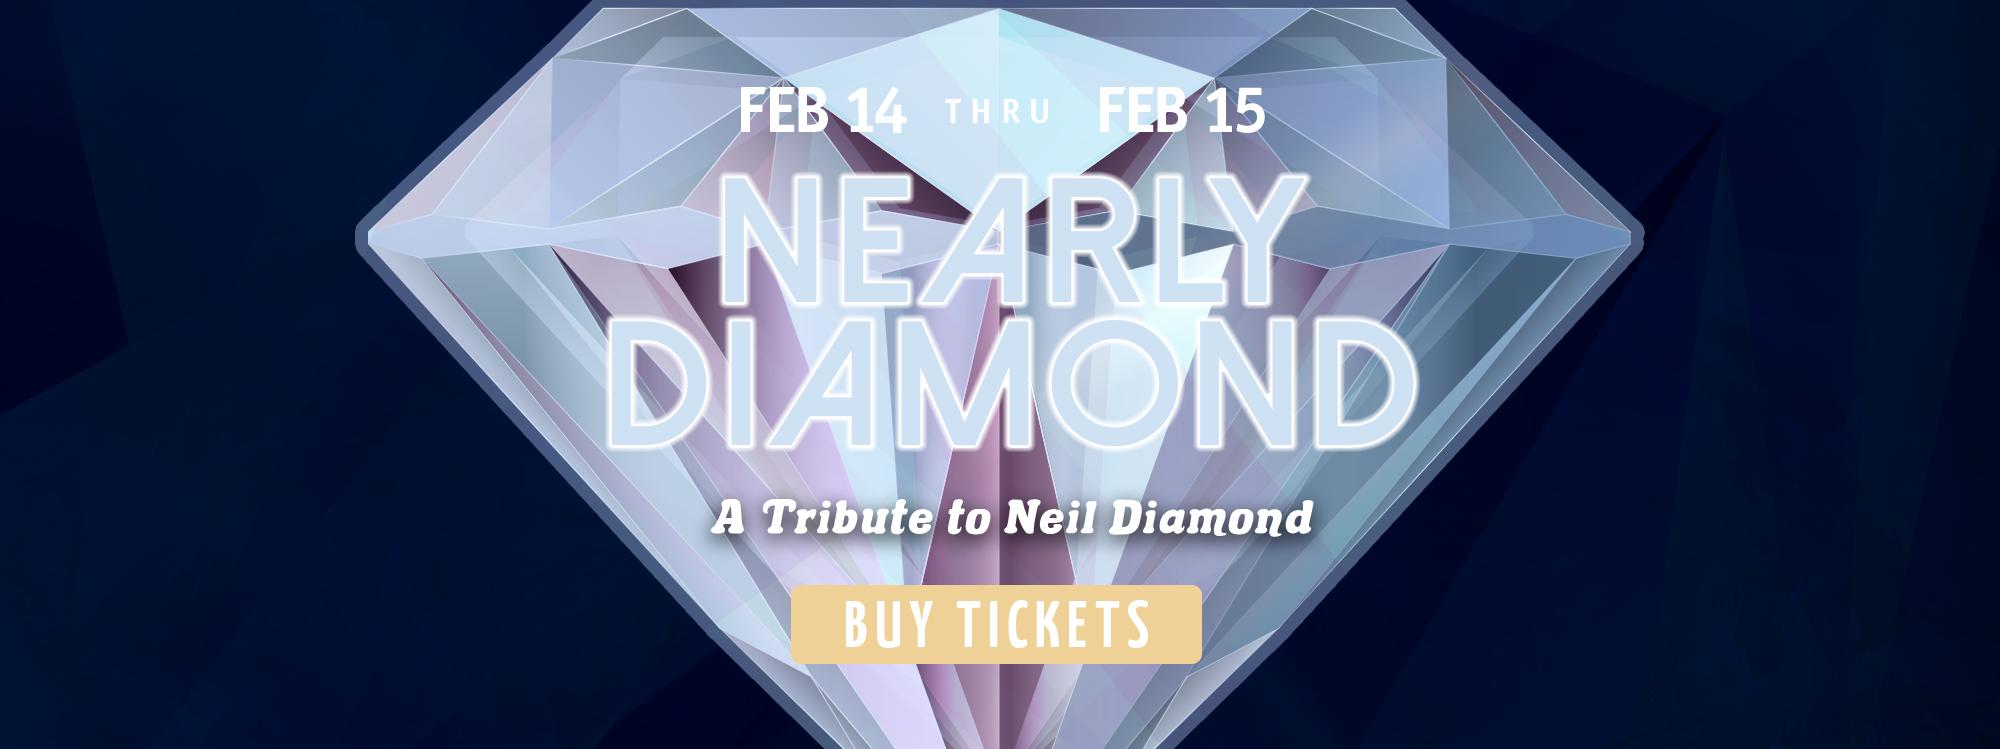 Nearly Diamond